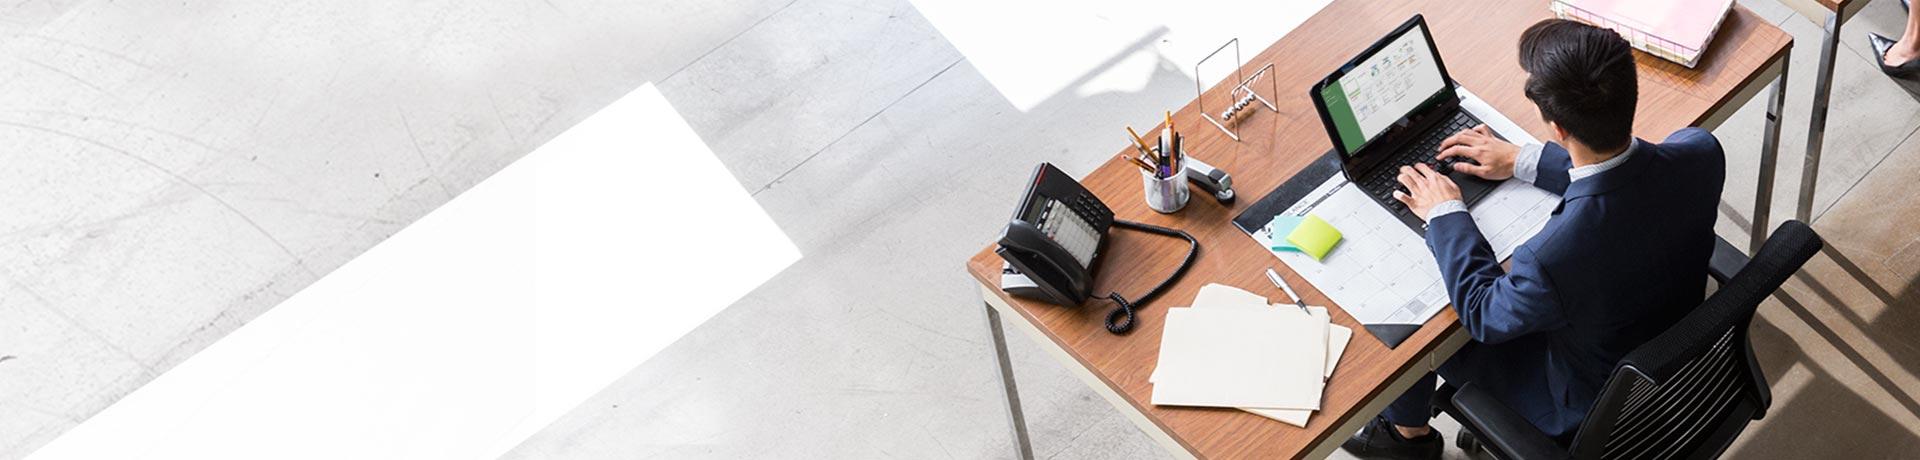 사무실 책상에 앉아 노트북 컴퓨터로 Microsoft Project 파일 작업을 하고 있는 남자 이미지.